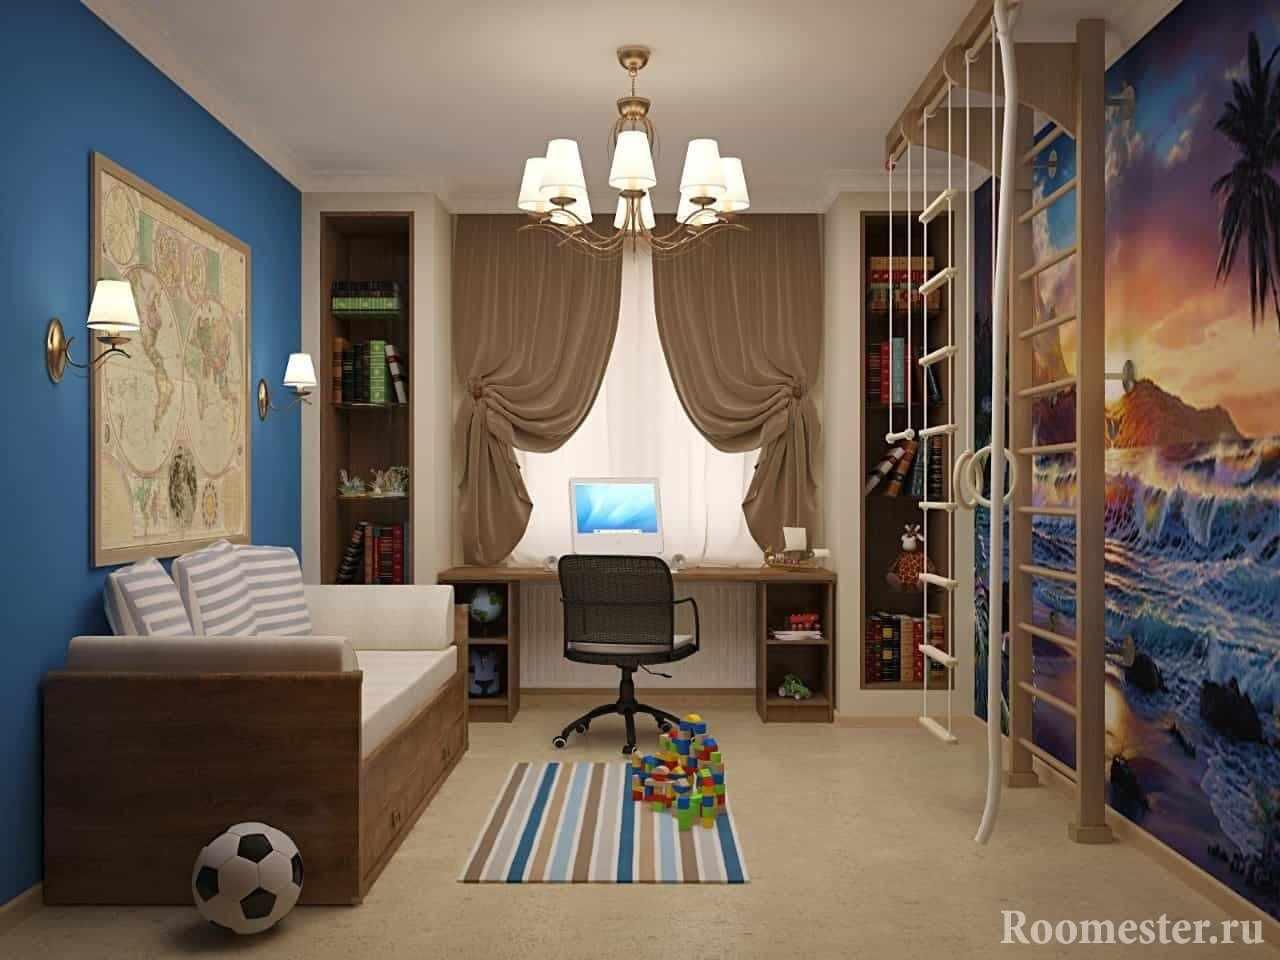 Фотобои в оформлении комнаты